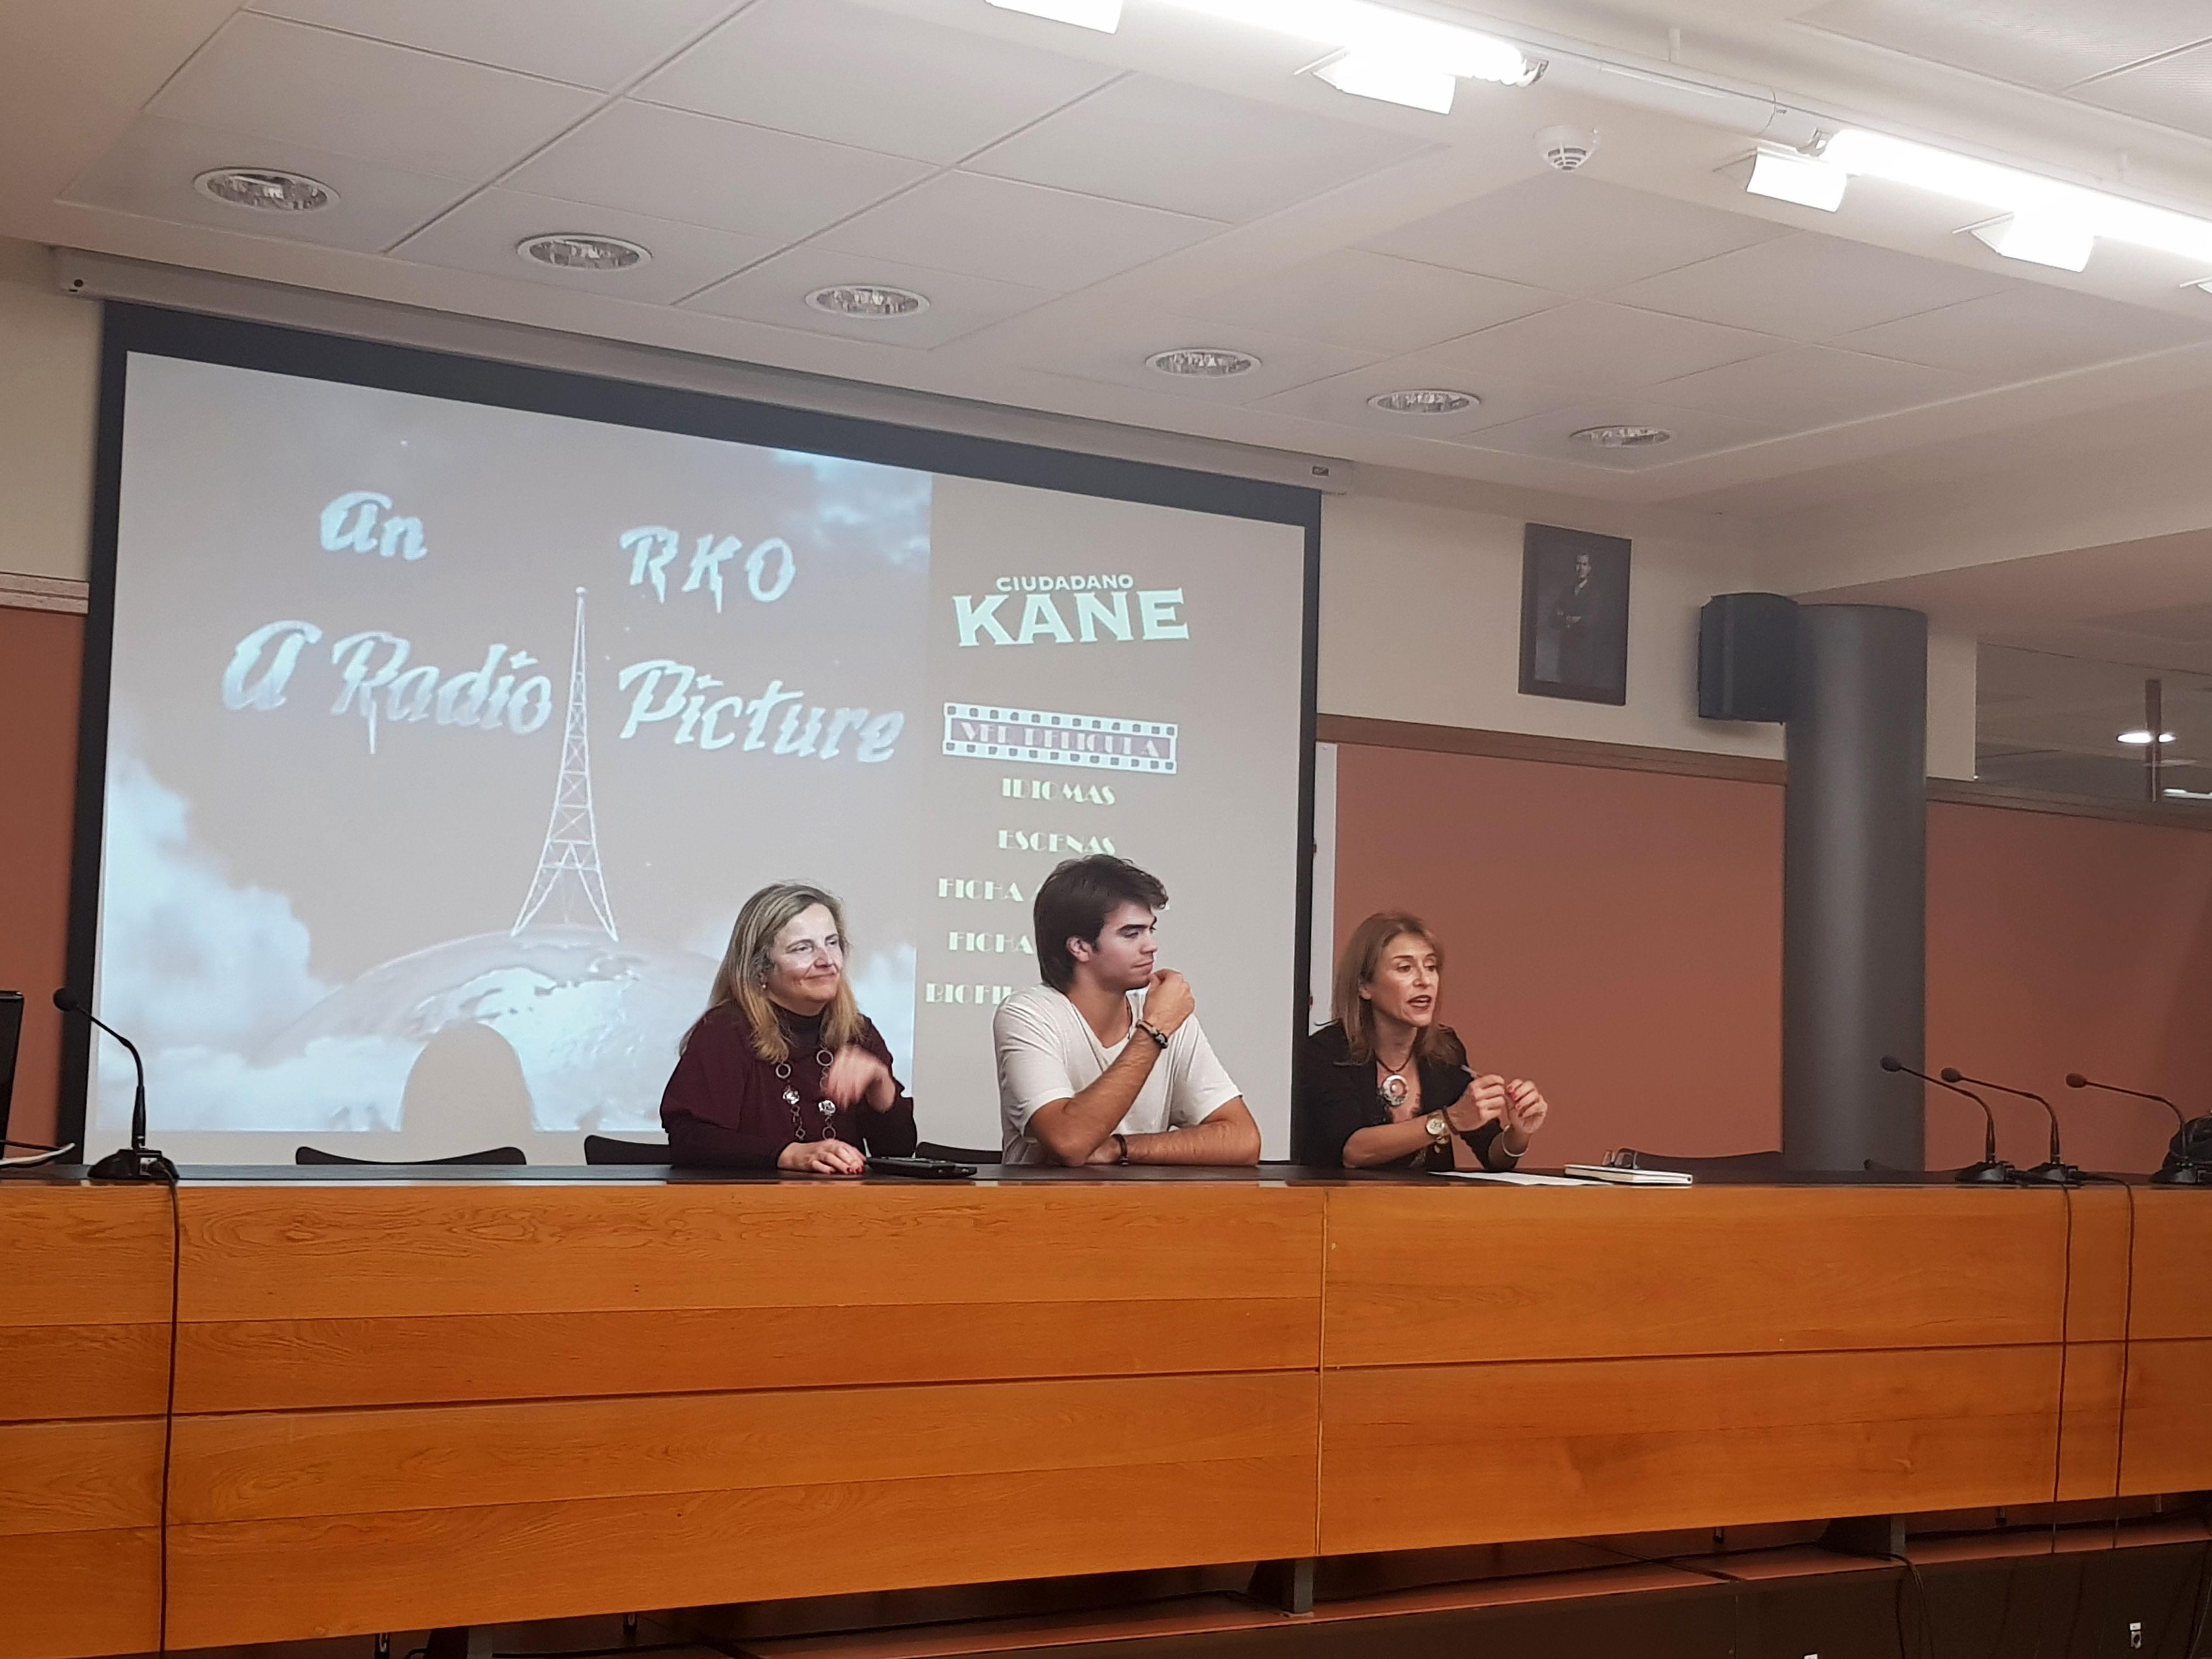 El alumno de Comunicación Audiovisual Álvaro Leivas Fernández presentó la primera película del ciclo de cine.